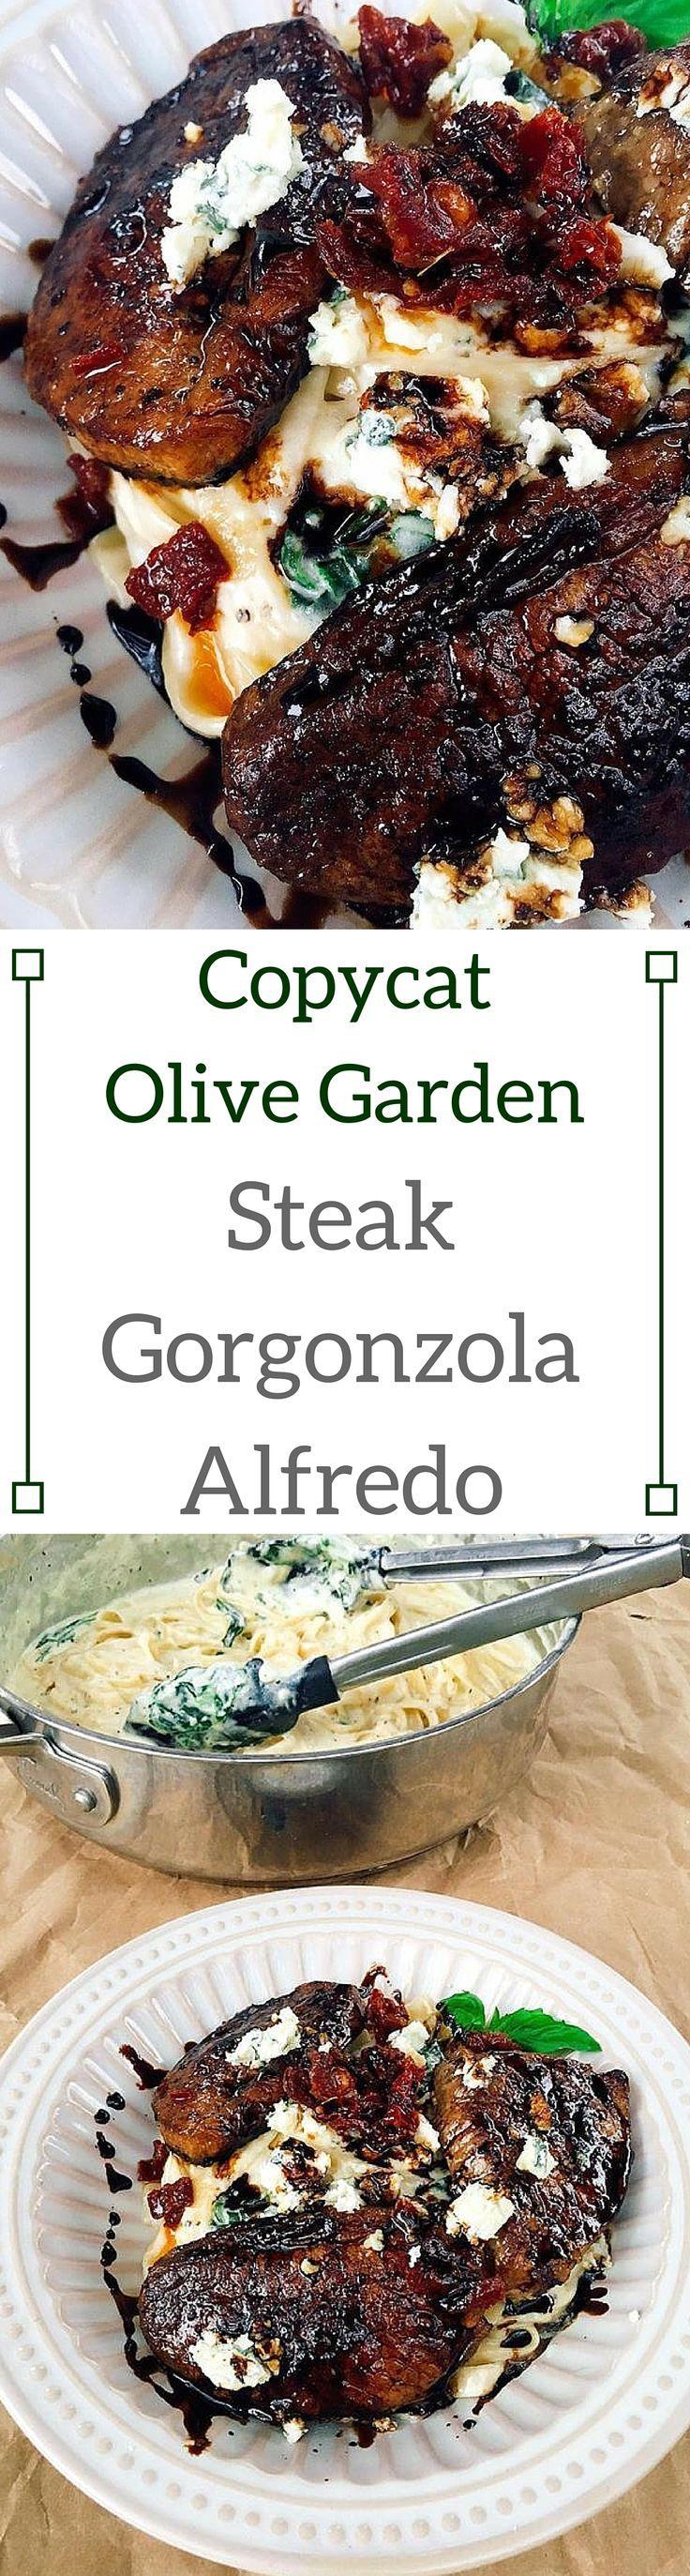 25 best olive garden recipes ideas on pinterest Olive garden steak gorgonzola recipe